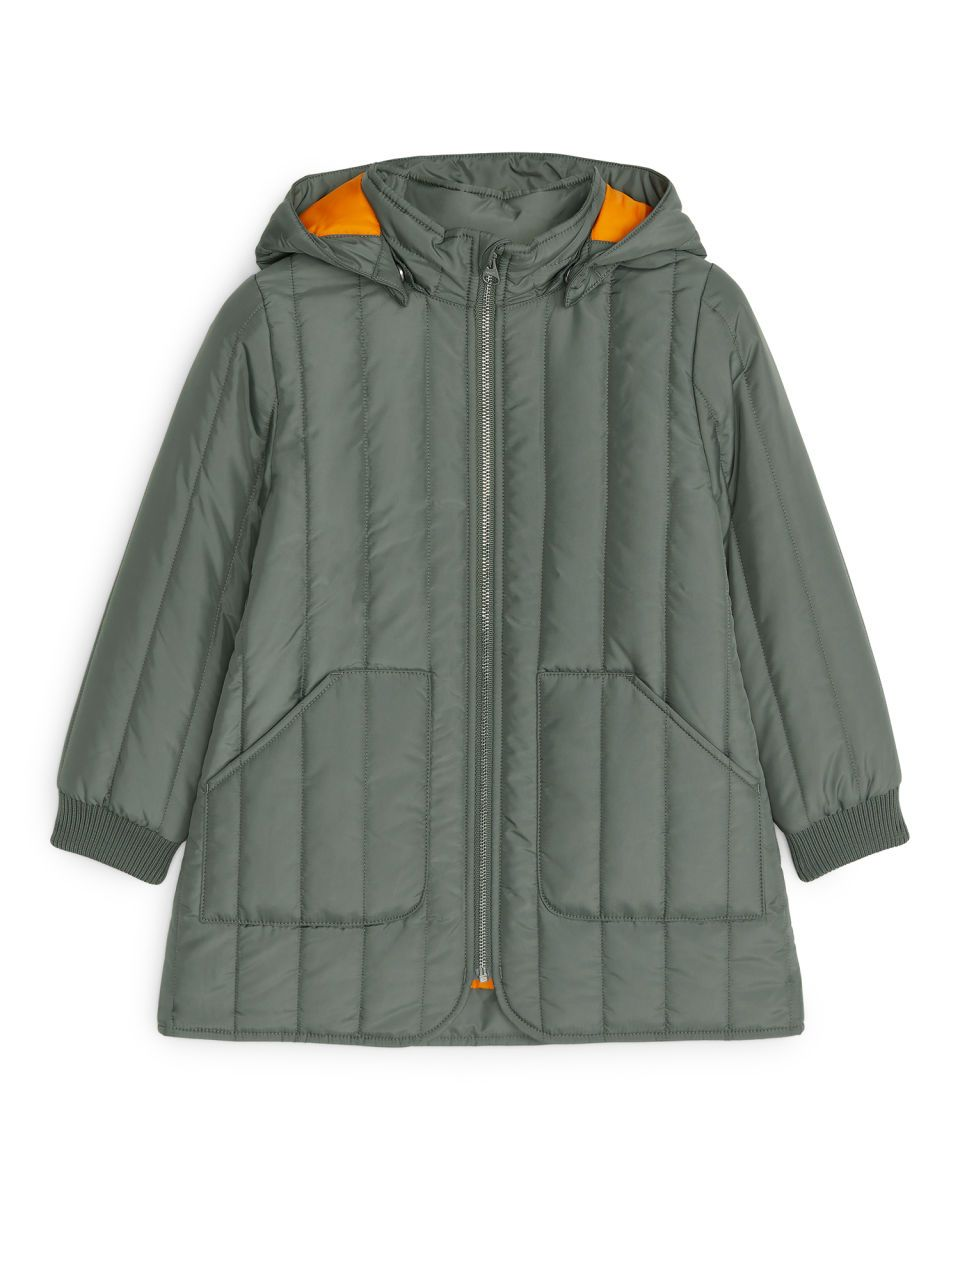 Quilted Coat Khaki Green Jackets Coats Arket Quilted Coat Kids Outerwear Green Khaki Jacket [ 1280 x 960 Pixel ]